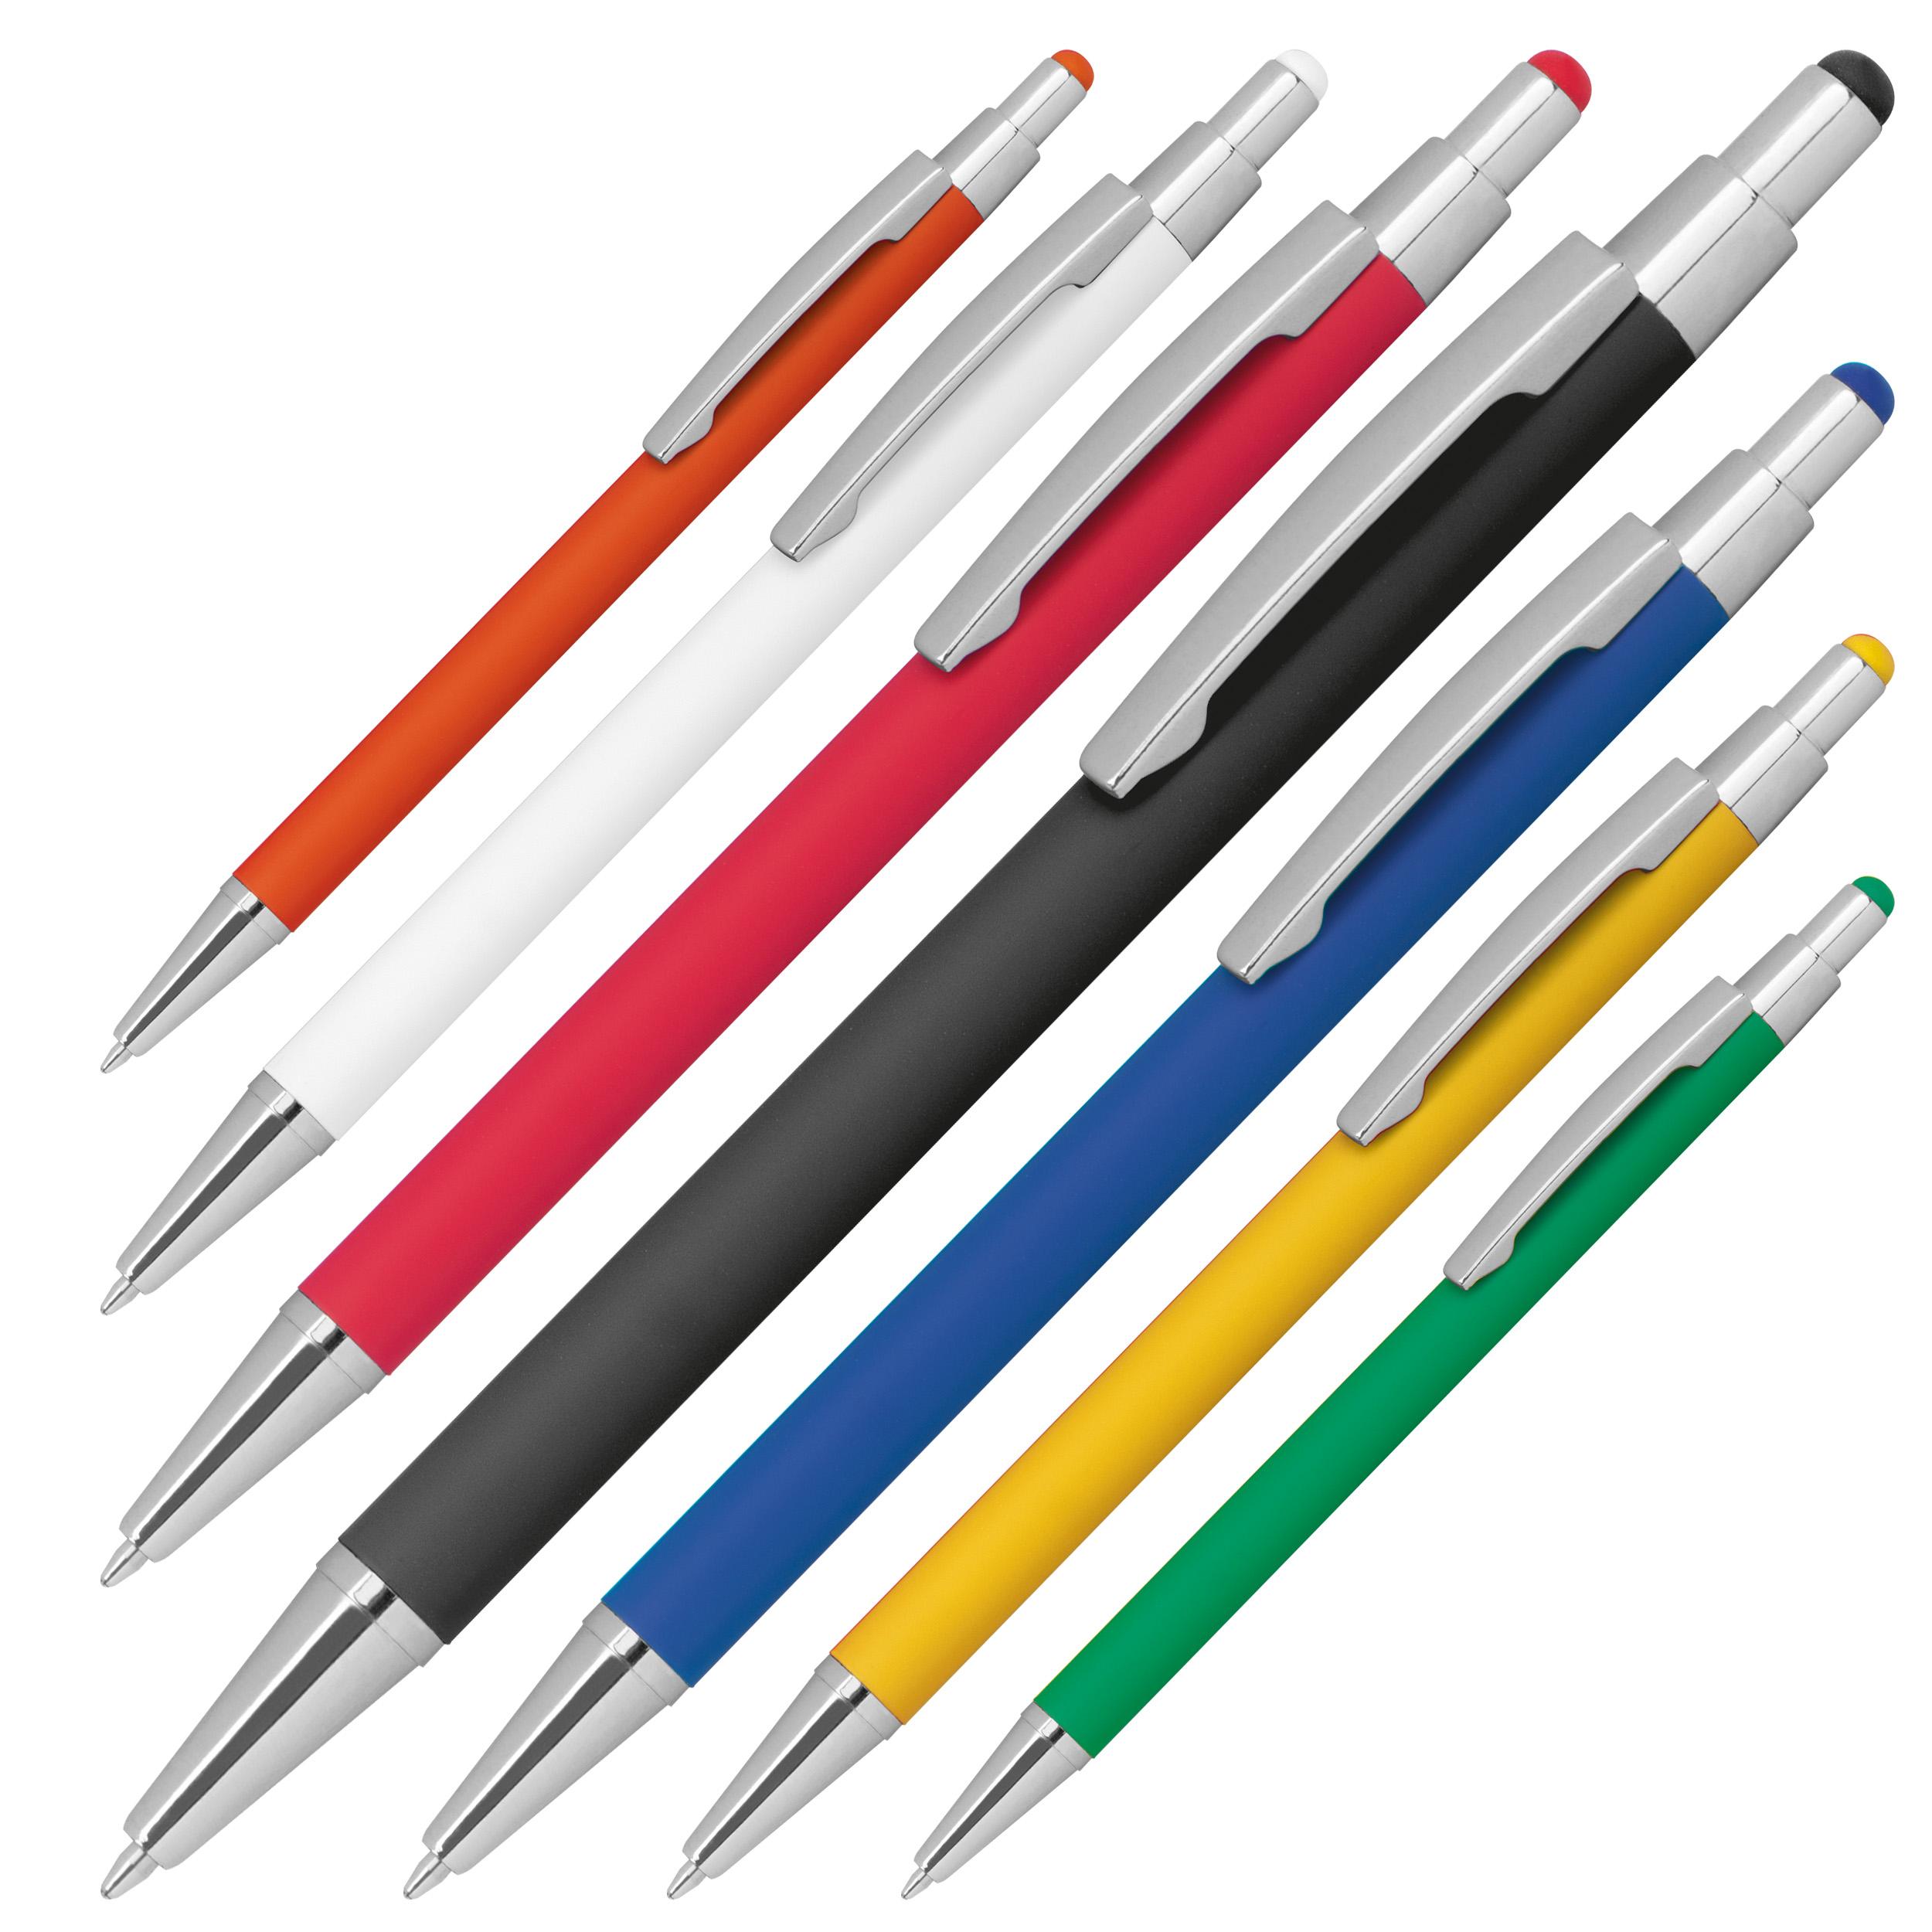 Kugelschreiber aus Metall mit Rubberfinish und Touchfunktion